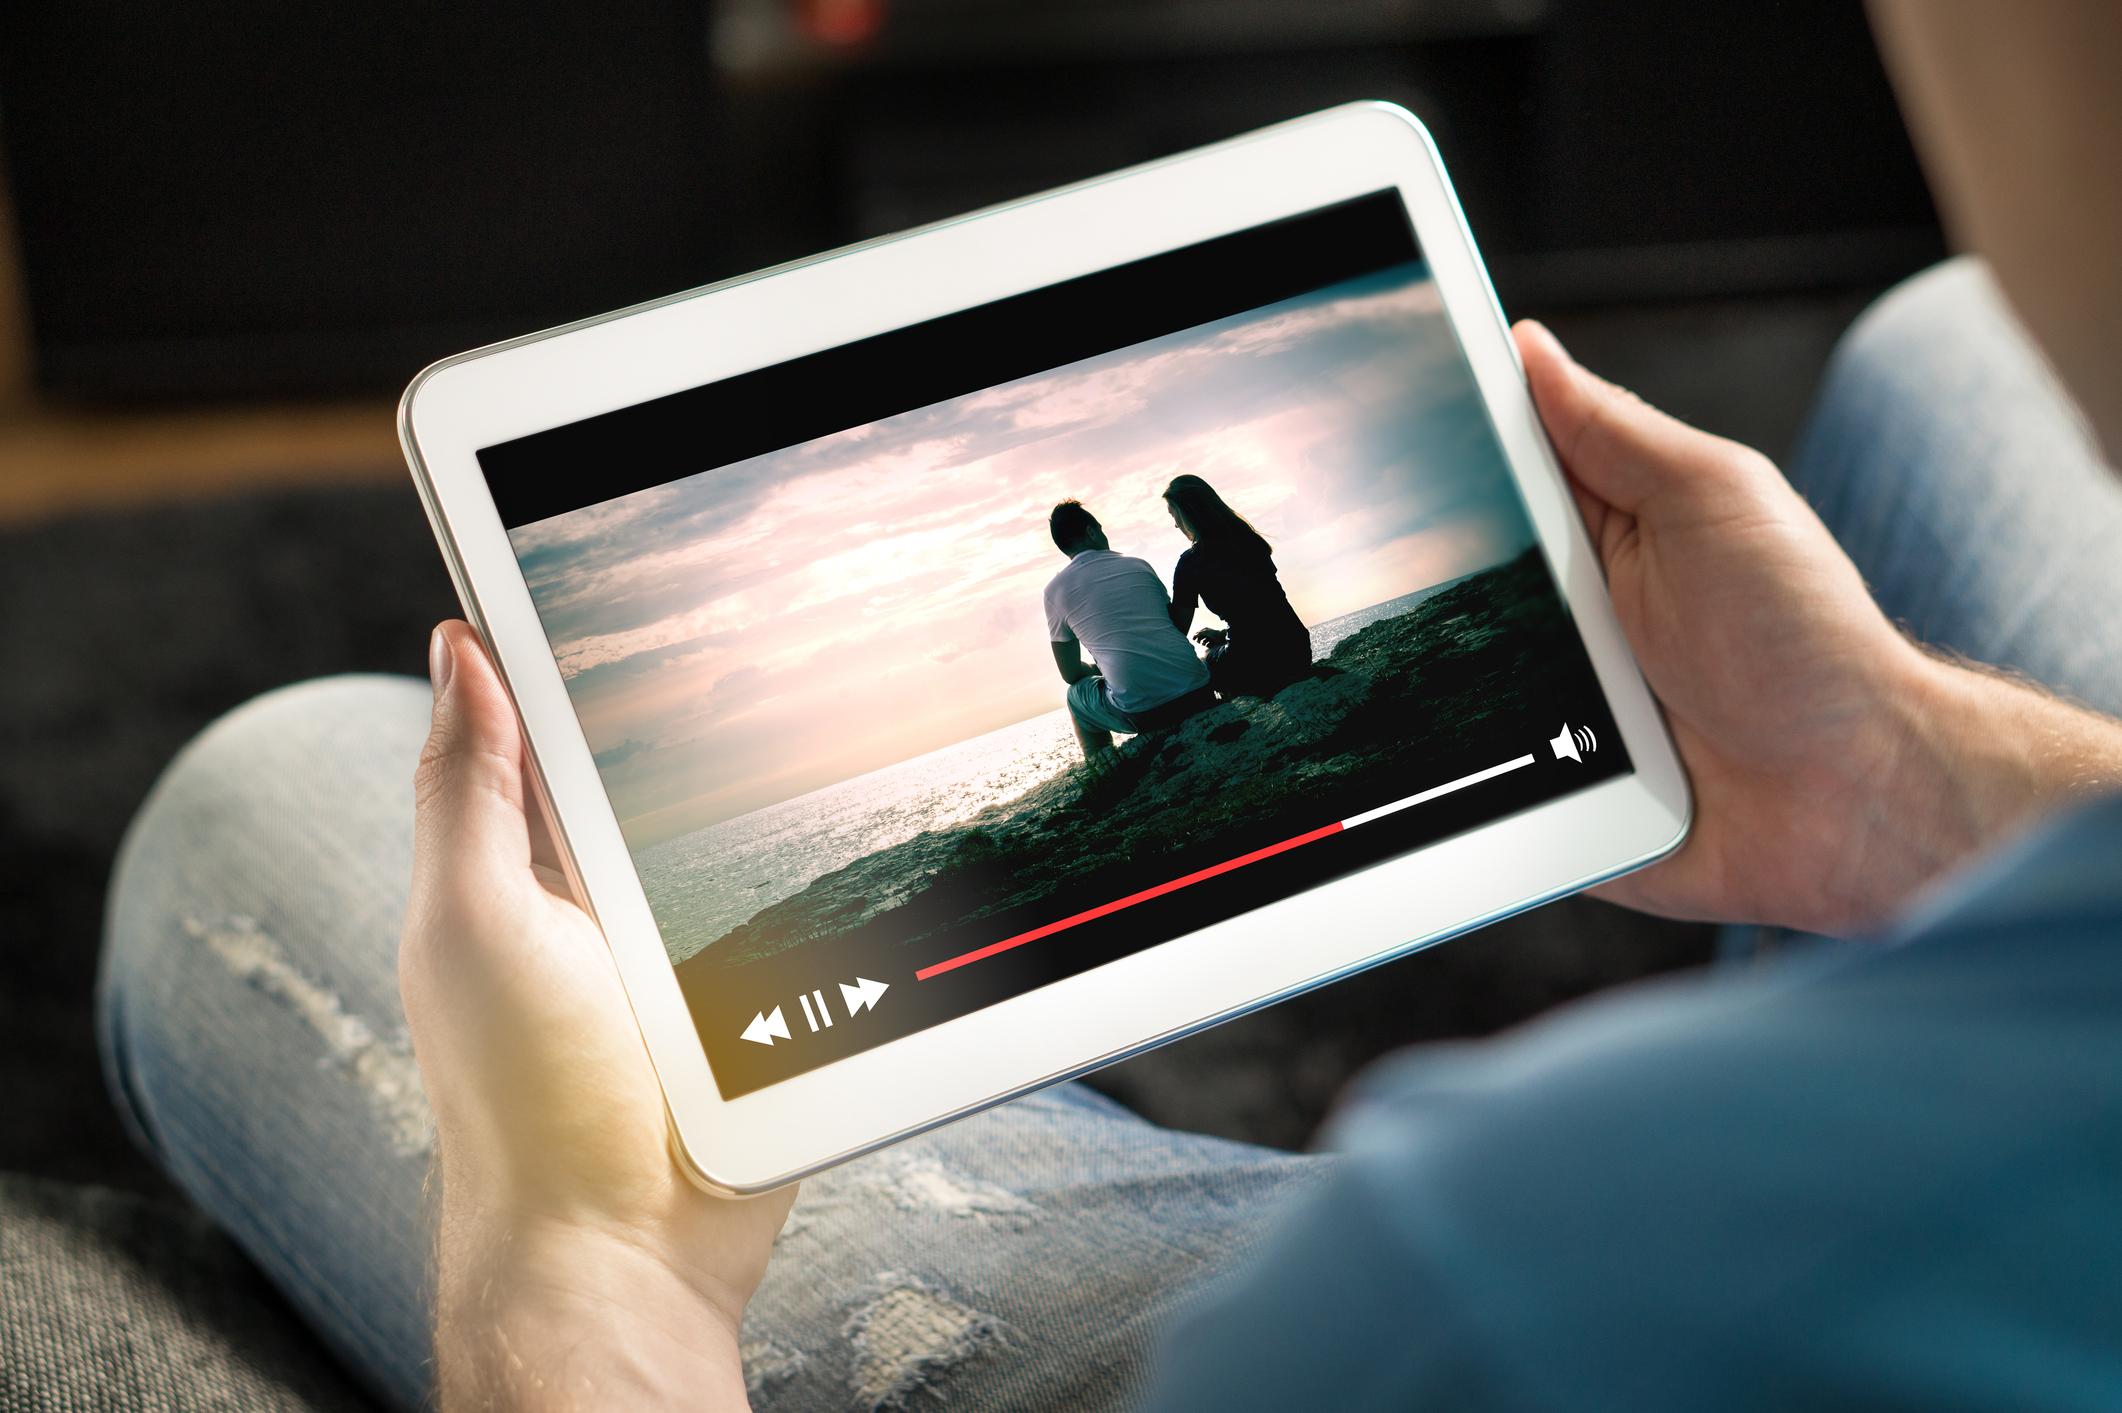 Kuinka saada oma elokuva näkyville?